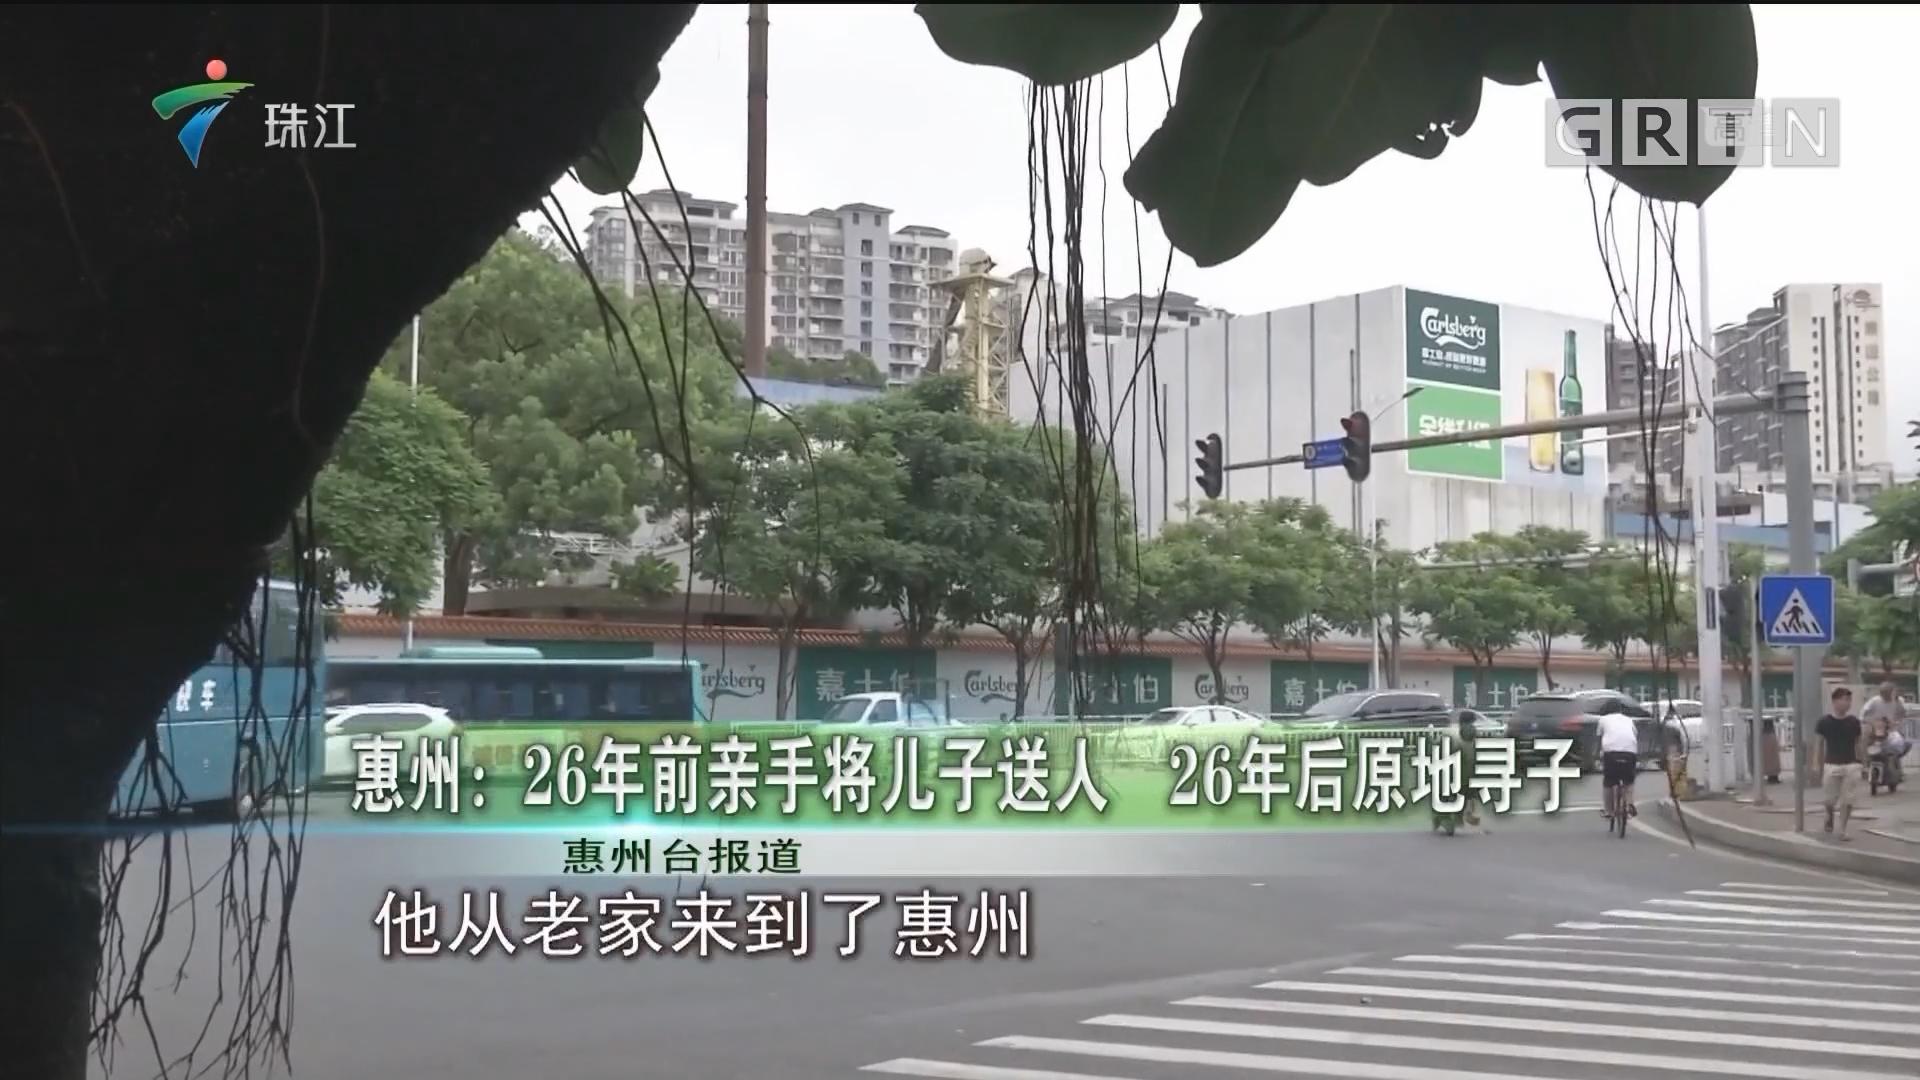 惠州:26年前亲手将儿子送人 26年后原地寻子